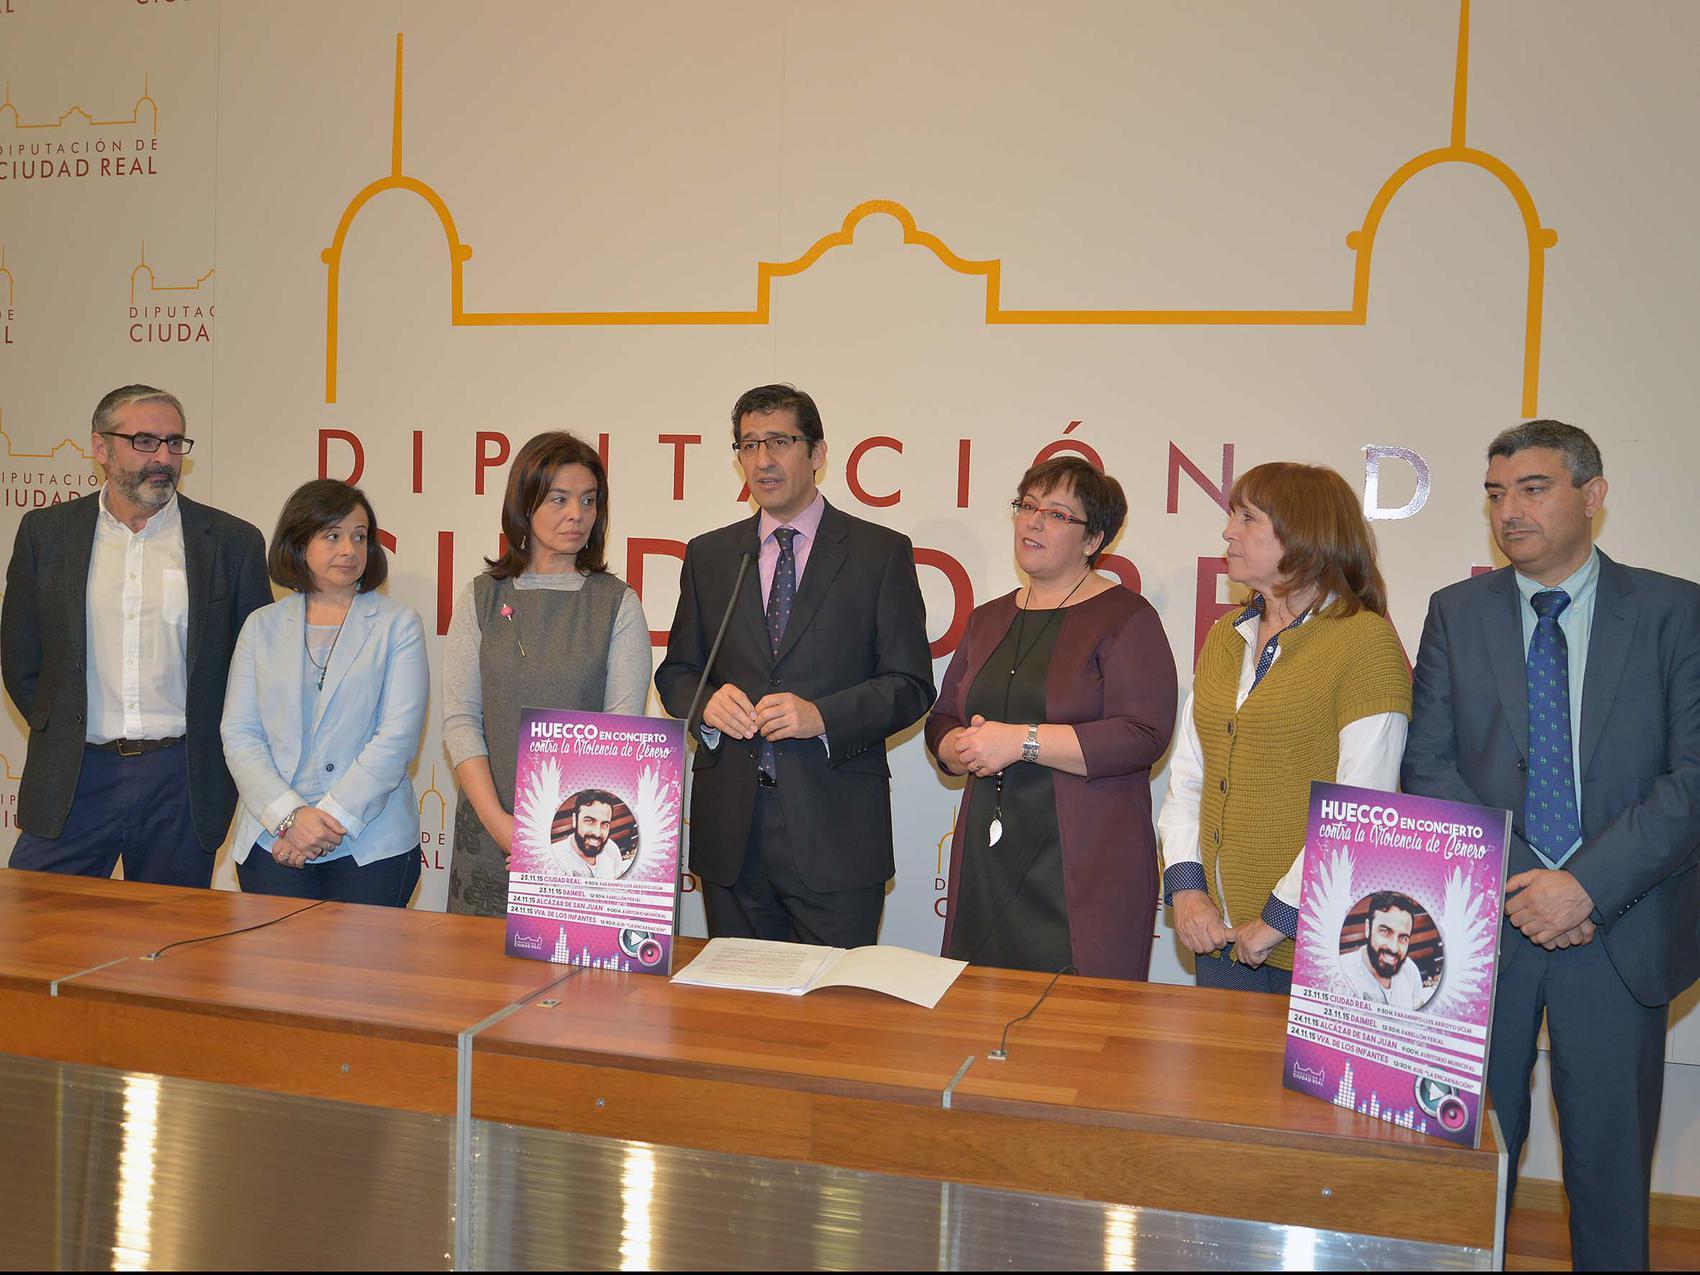 La Diputación visibiliza la violencia de género entre los jóvenes con 4 conciertos de » Huecco «